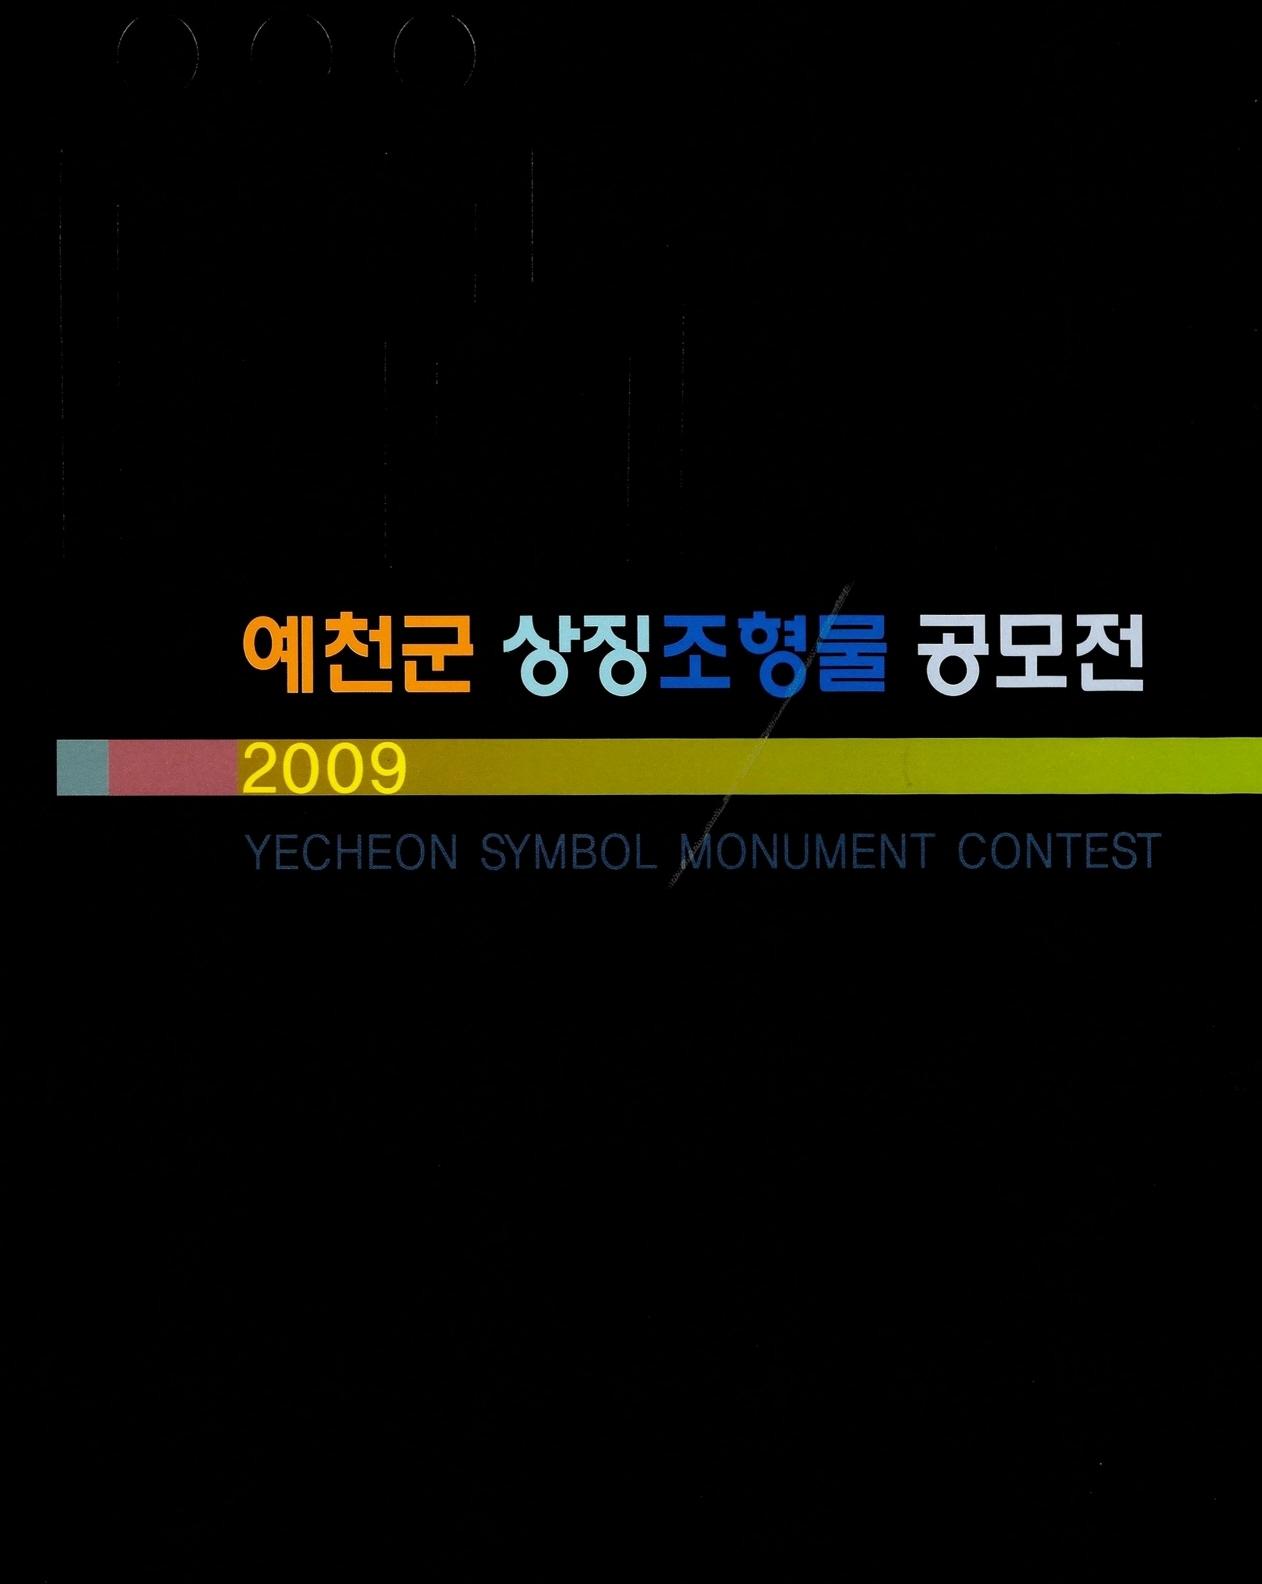 예천군 상징조형물 공모전 2009